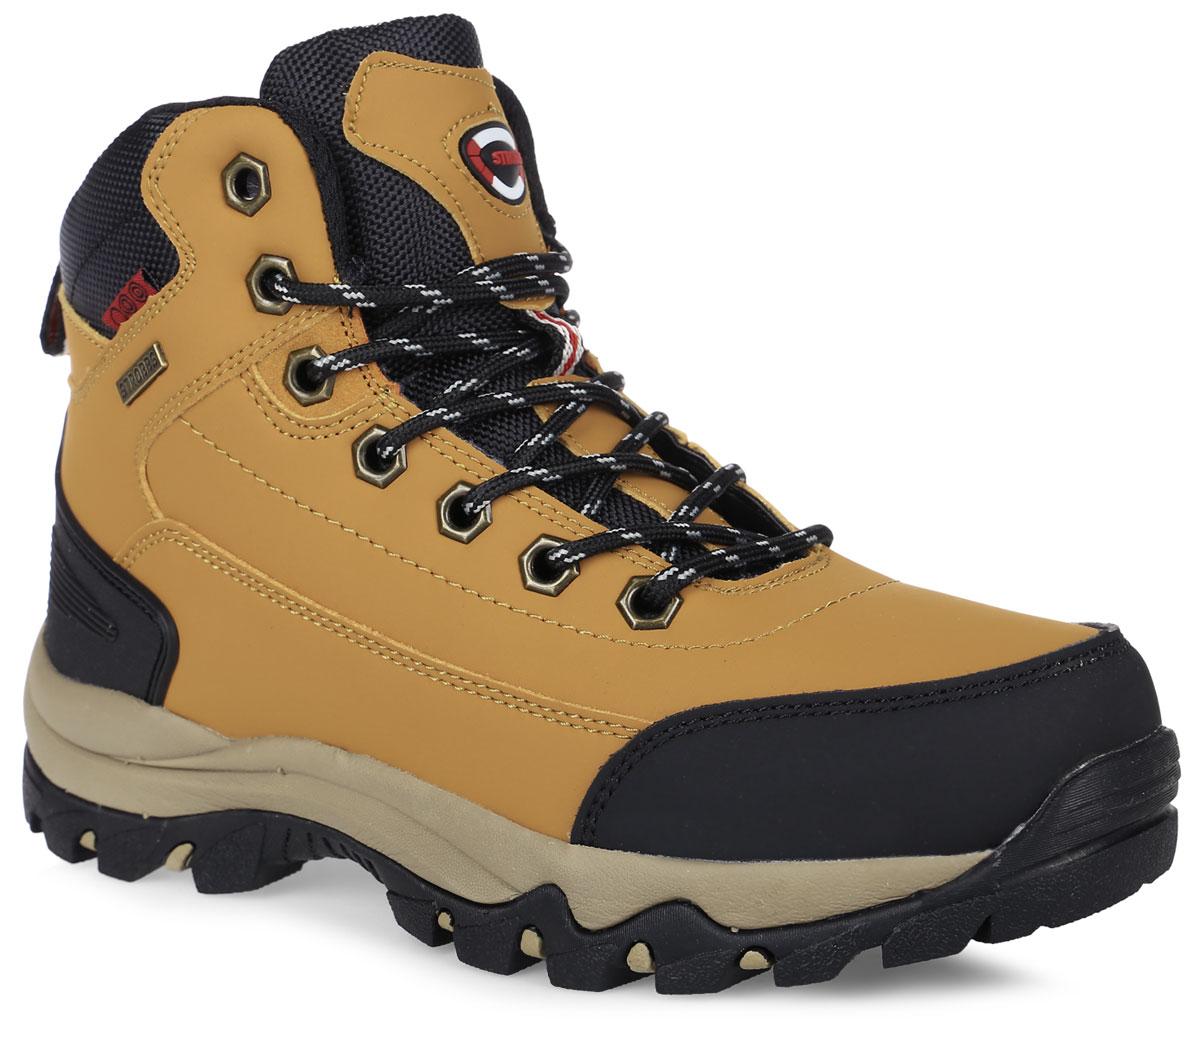 Ботинки женские Strobbs, цвет: горчичный, черный. F8165-17. Размер 37F8165-17Стильные ботинки от Strobbs придутся вам по душе. Модель изготовлена из искусственной кожи. Подкладка и стелька, выполненные из искусственного меха, не дадут ногам замерзнуть. Шнуровка надежно фиксирует модель на ноге. Ярлычок на заднике обеспечивает удобное обувание модели. Подошва с протектором гарантирует идеальное сцепление на любой поверхности. Стильные и удобные ботинки - необходимая вещь в вашем гардеробе.